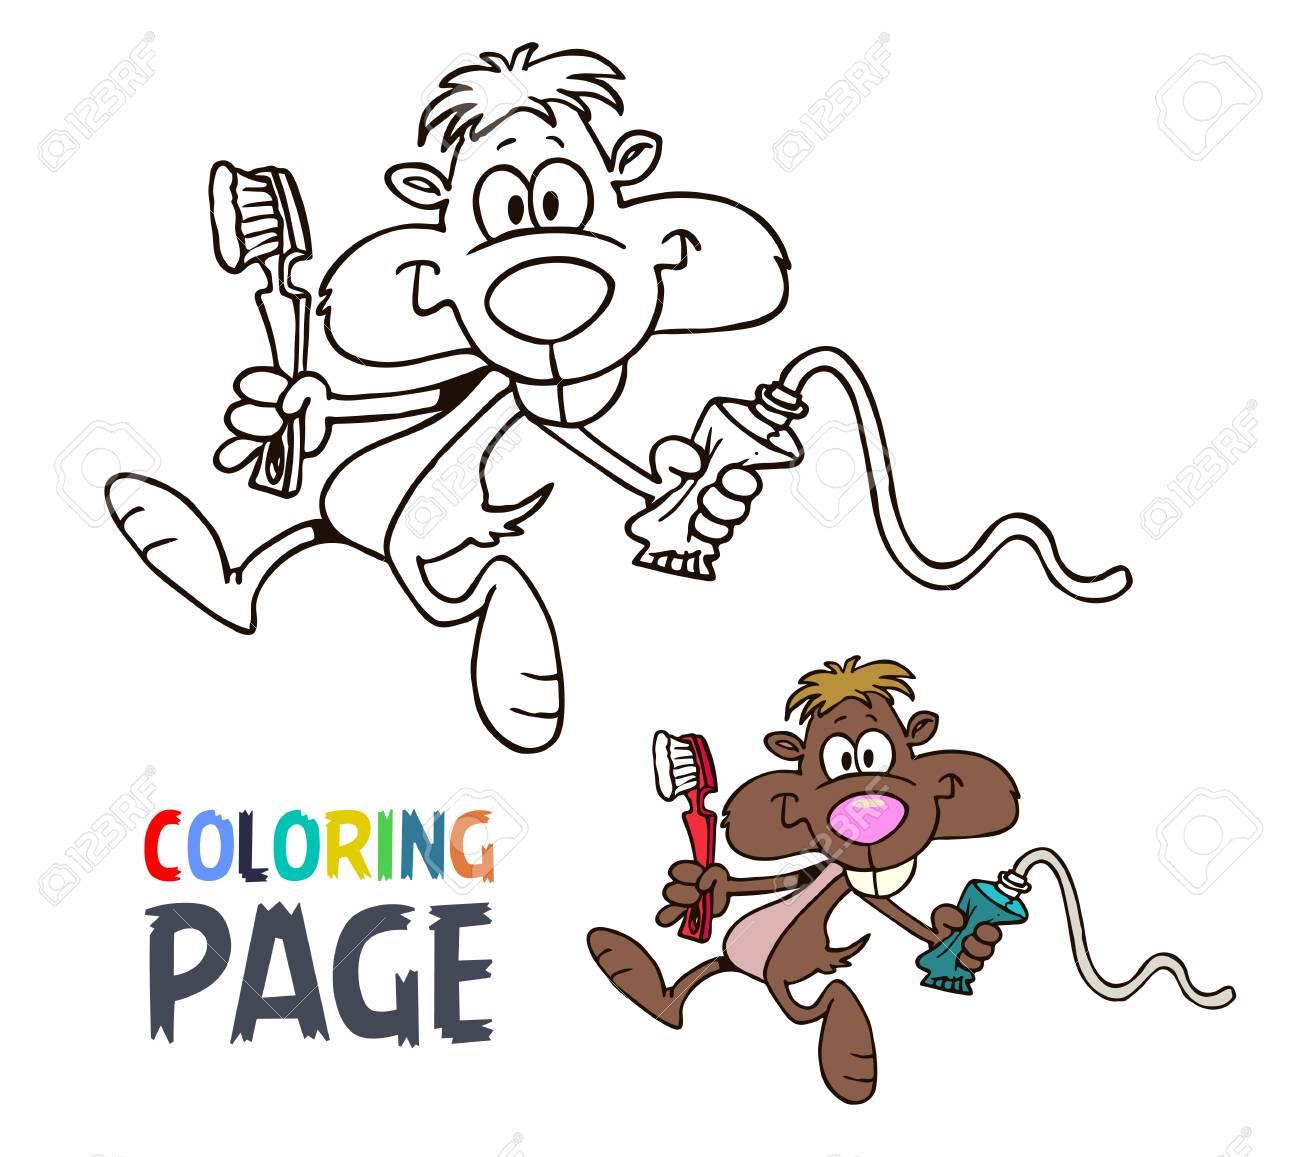 Dibujos Para Colorear Del Ratón Ilustraciones Vectoriales, Clip Art ...